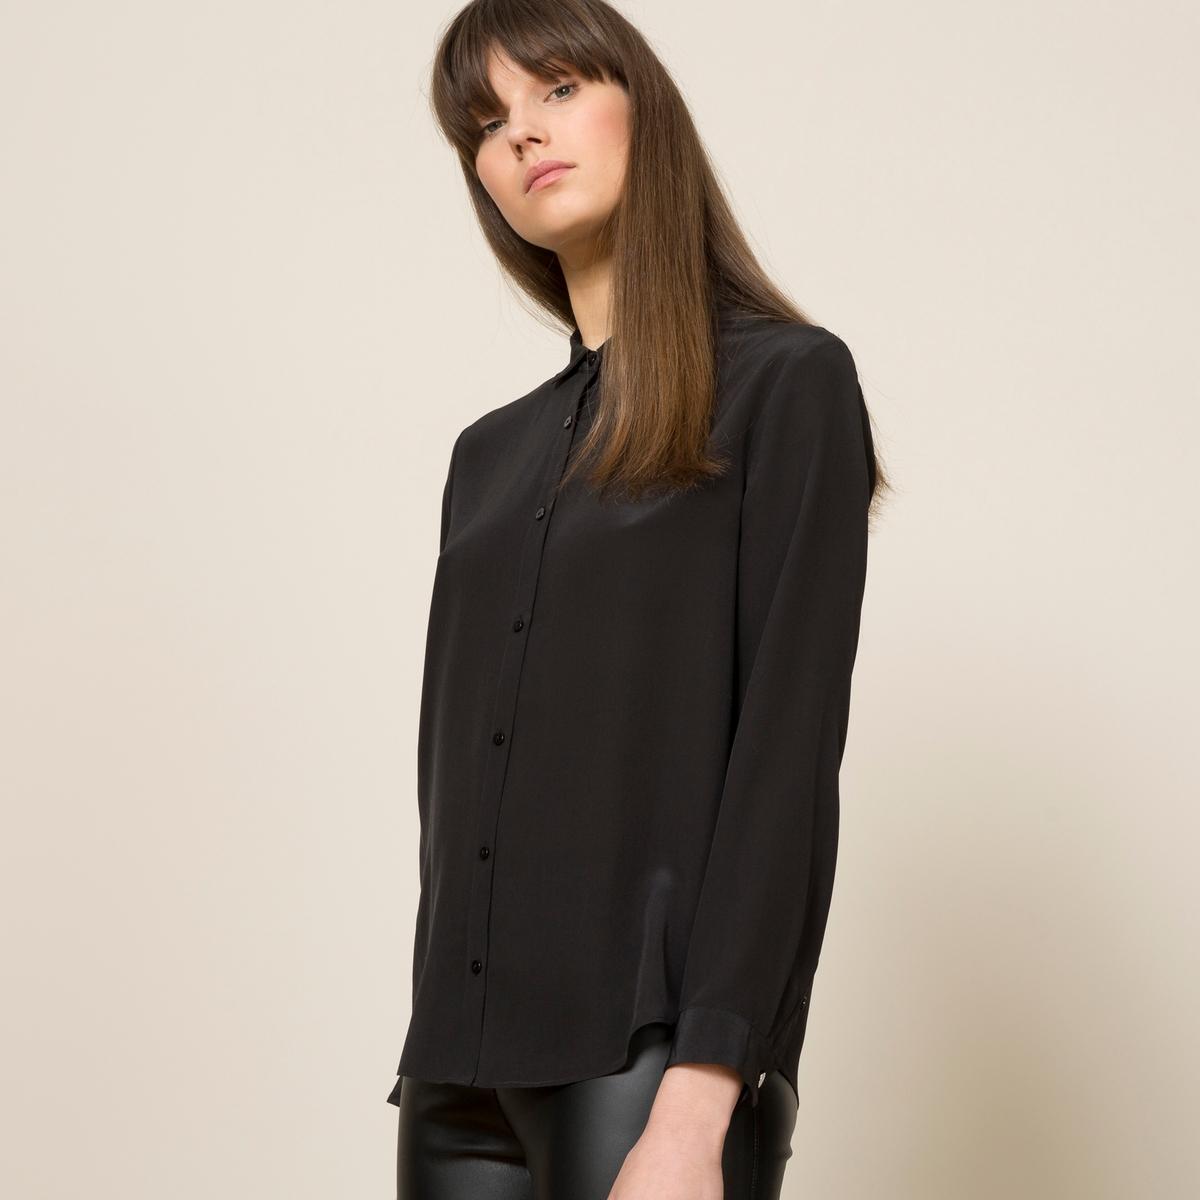 Блузка шелковаяБлузка THE KOOPLES, из шелка. Классический воротник. Длинные рукава на пуговице. Планка застёжки на пуговицы в том же цвете. Слегка закругленный низ. Складки сзади. Объемный покрой.Состав и описание           Материал : 100% шелкМарка : THE KOOPLES<br><br>Цвет: черный